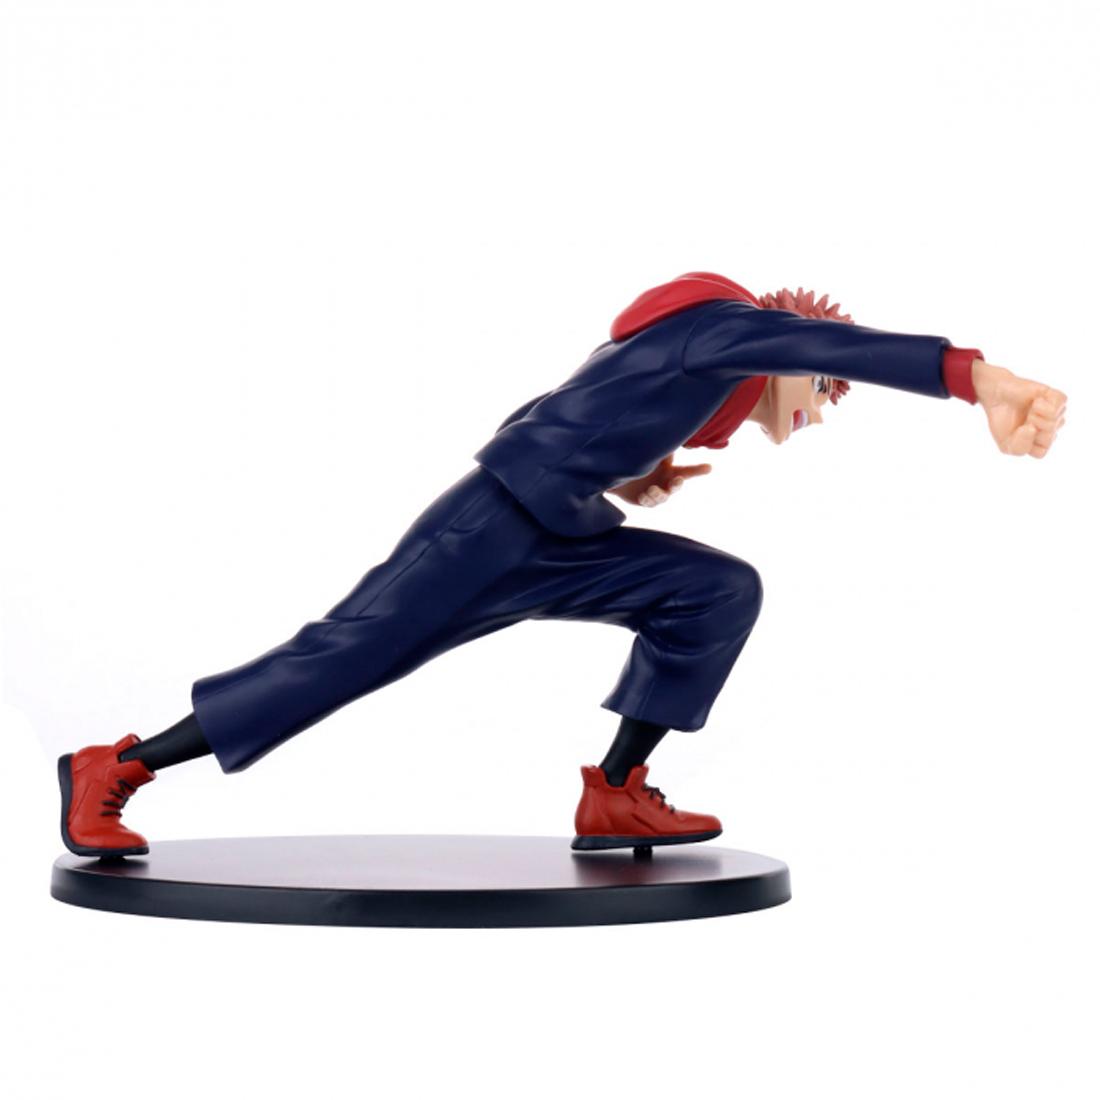 Banpresto Jujutsu Kaisen Ichiban Kuji Yuji Itadori